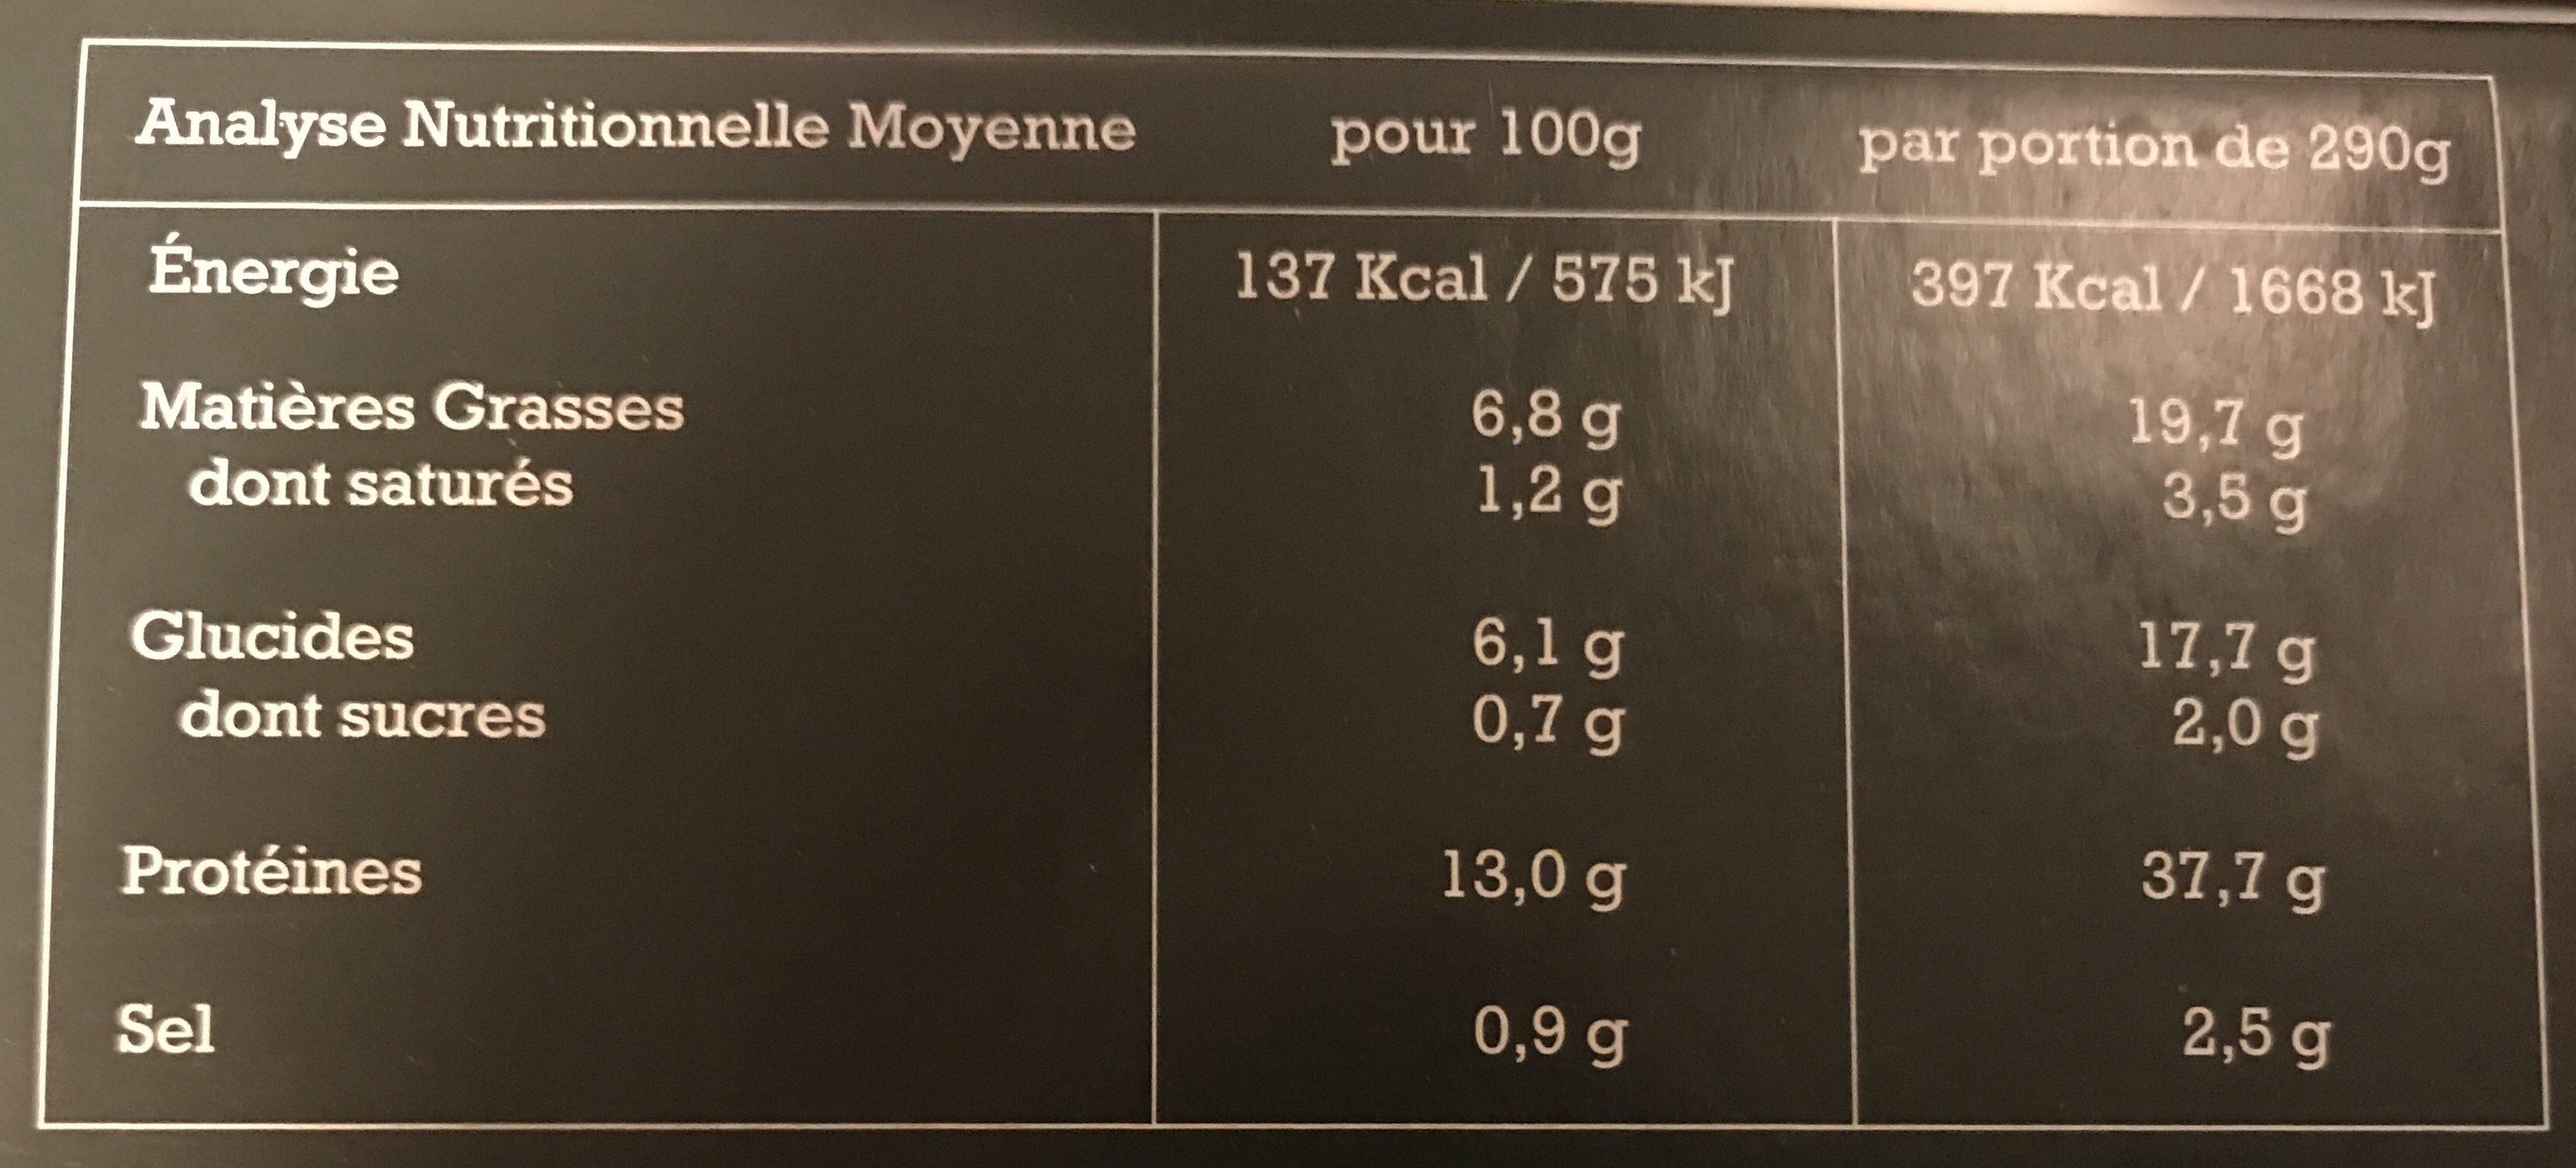 Dos de Saumon au Paprika, Duo de lentilles aux carottes et oignons - Informations nutritionnelles - fr